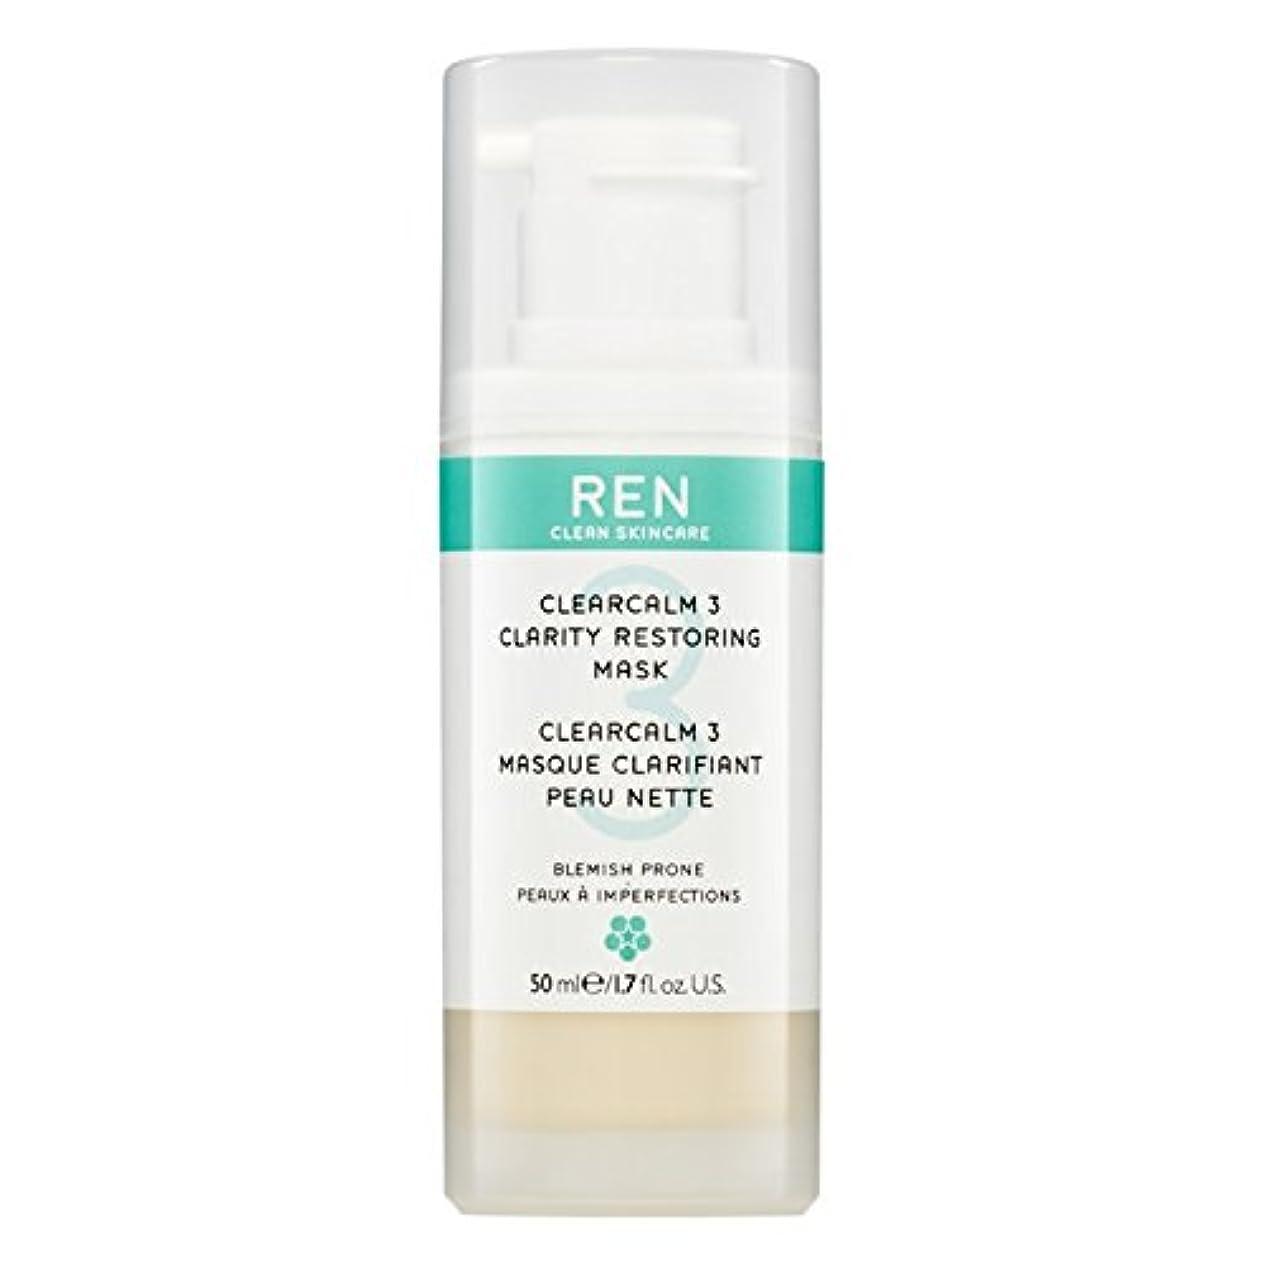 高層ビル直感シニスクレイ洗顔料の150ミリリットルを明確レン (REN) (x2) - REN Clarifying Clay Facial Cleanser 150ml (Pack of 2) [並行輸入品]